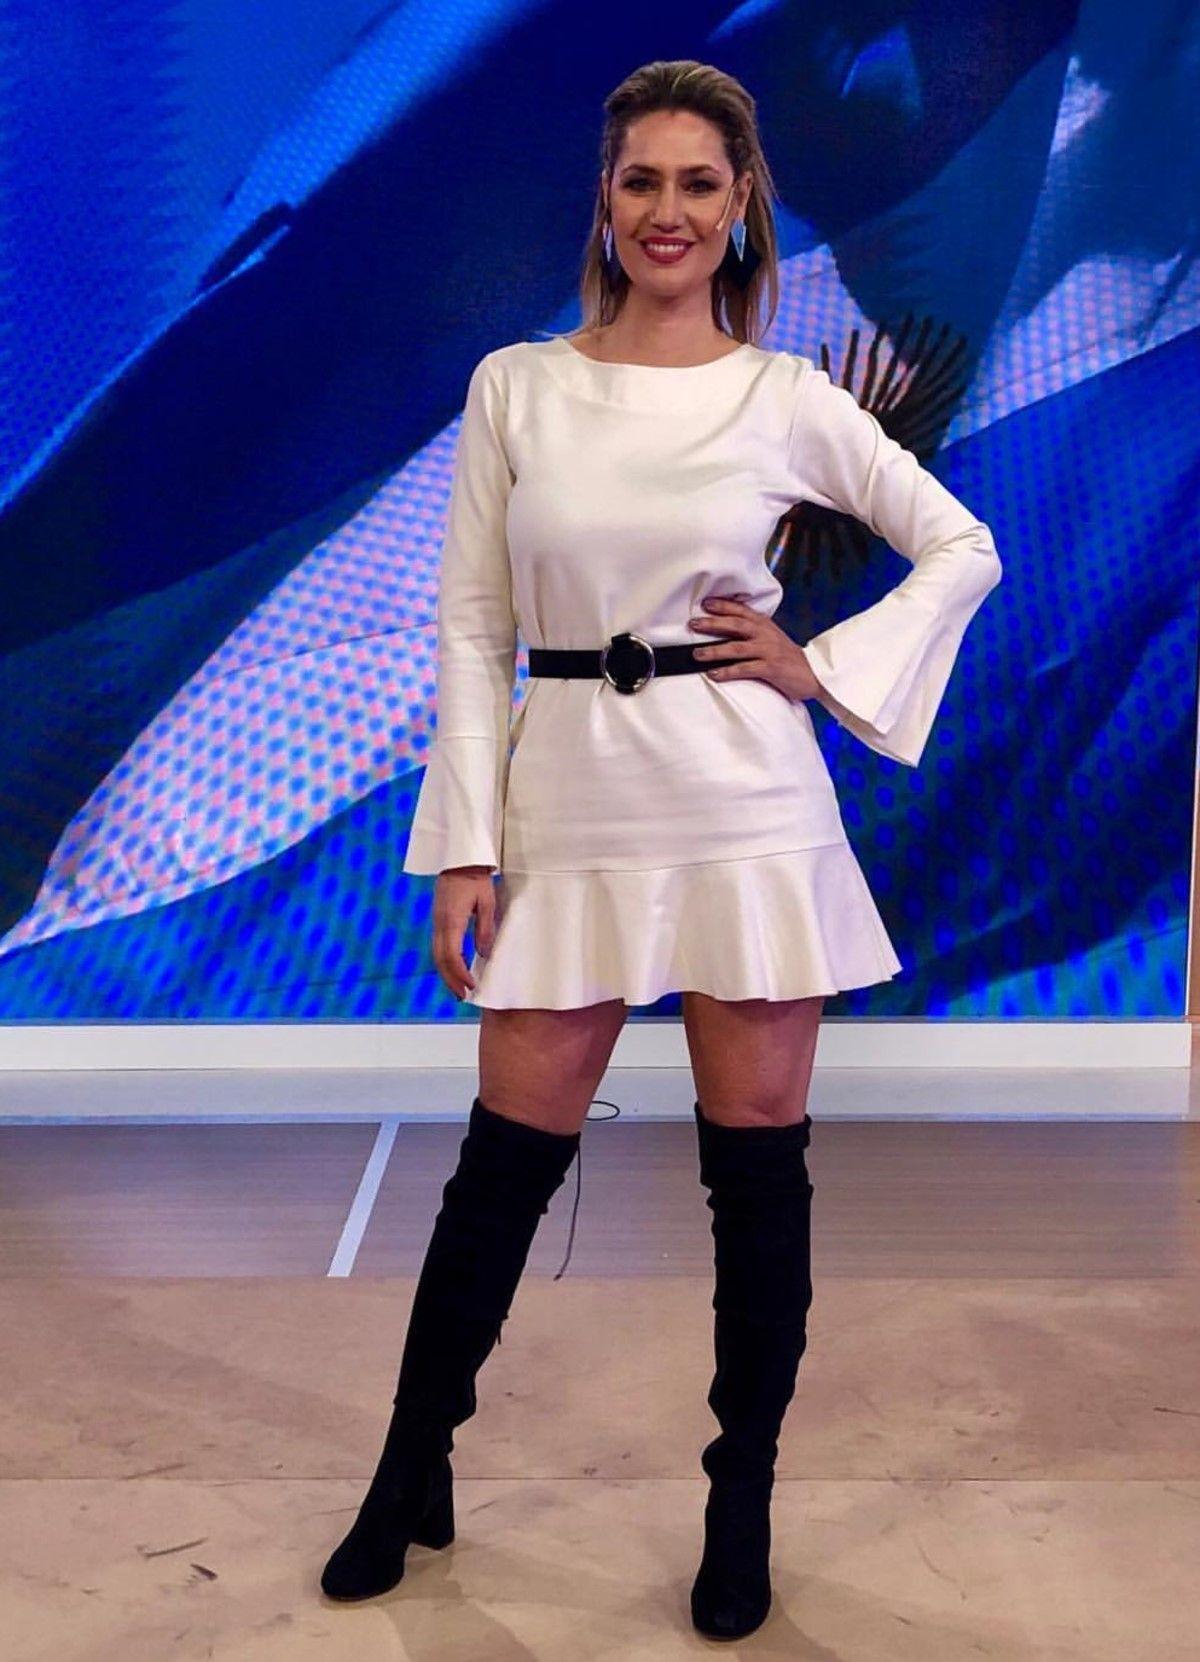 La periodista Carolina Losada defendió al Telar de la Abundancia: No creo que sea una estafa